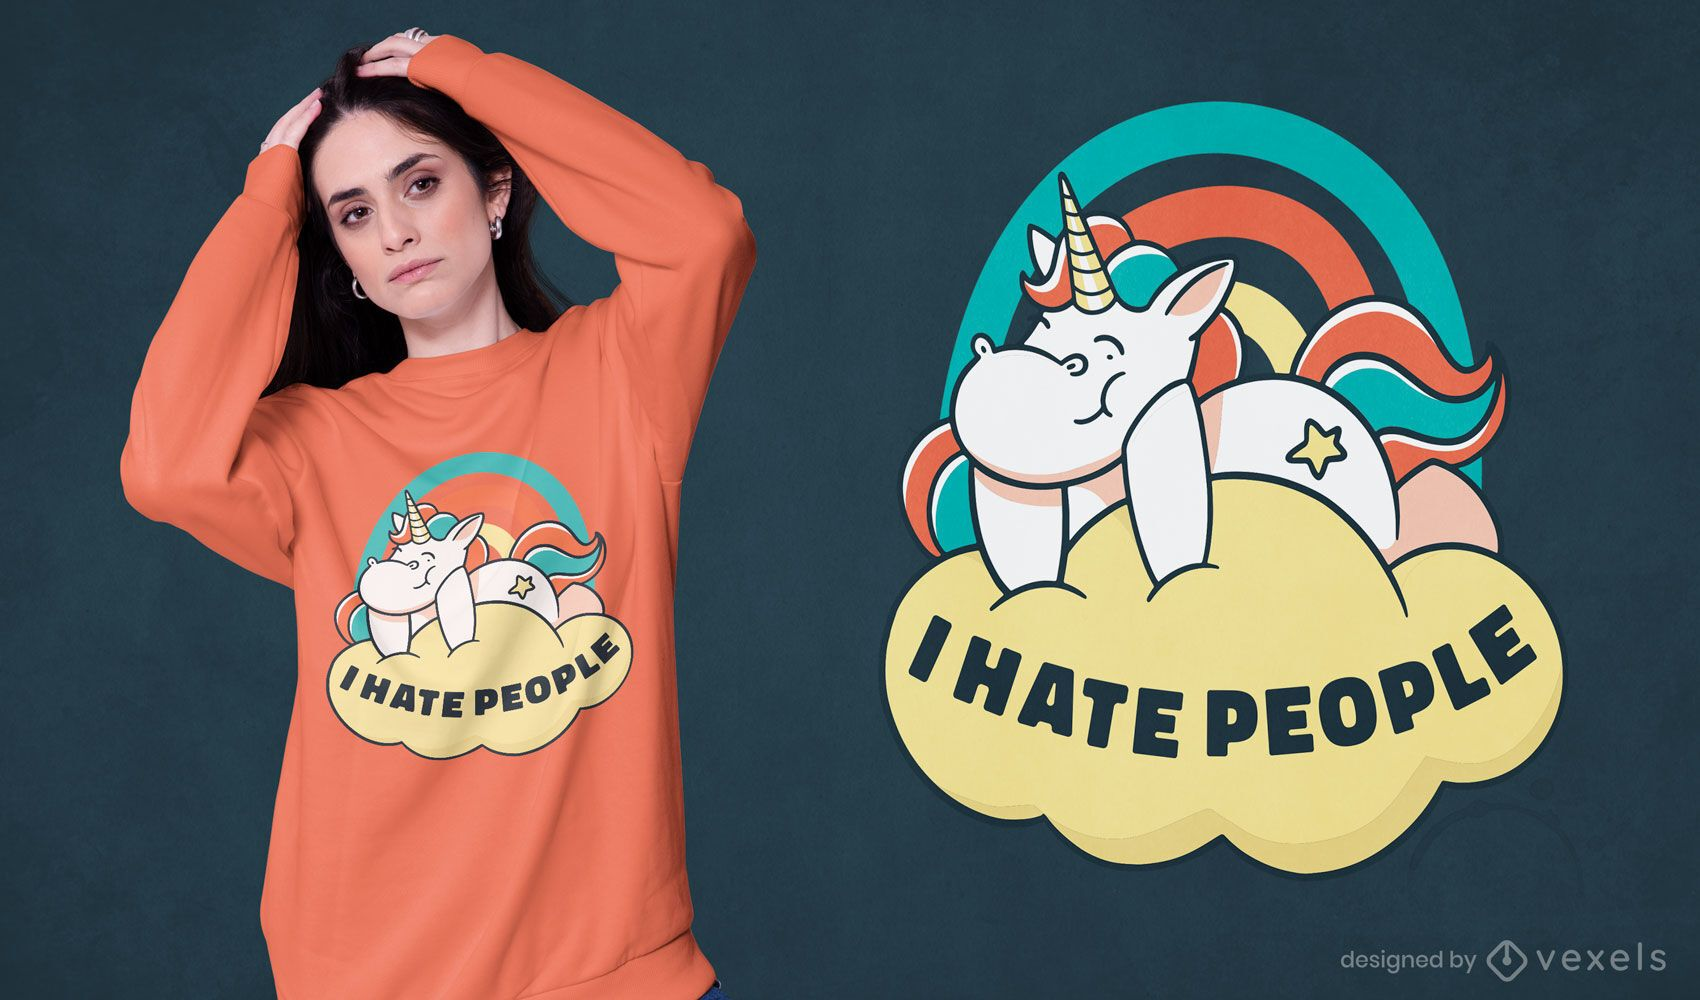 Eu odeio gente design de camisetas